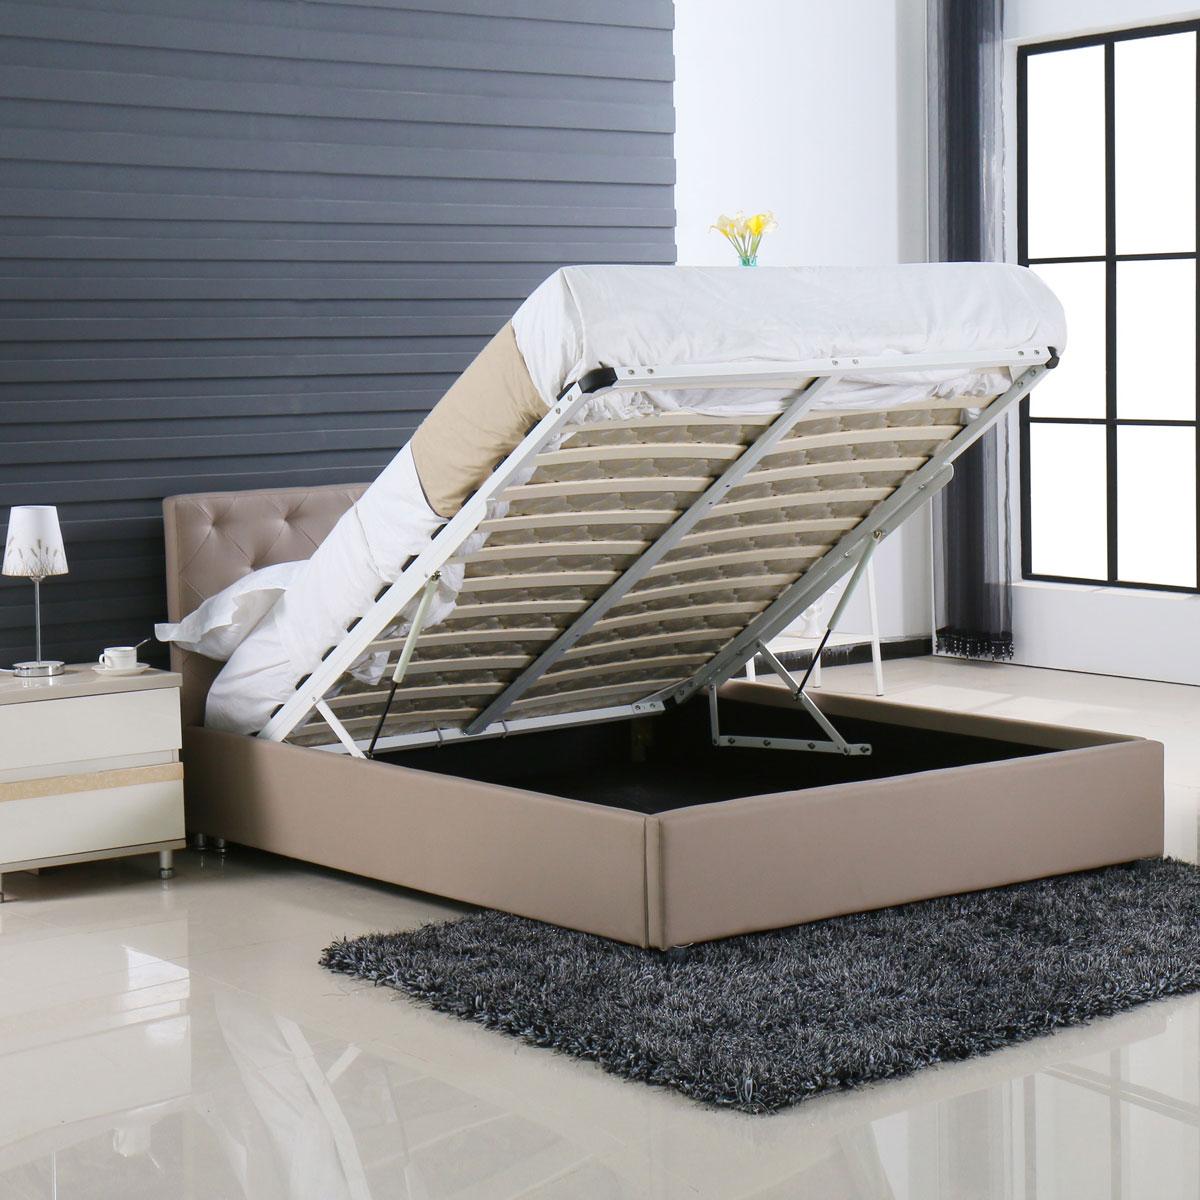 הוראות חדשות מיטות מתכת/עץ מלא, מיטות זוגיות, ילדים/נוער וקומתיים | מיטות ND-79